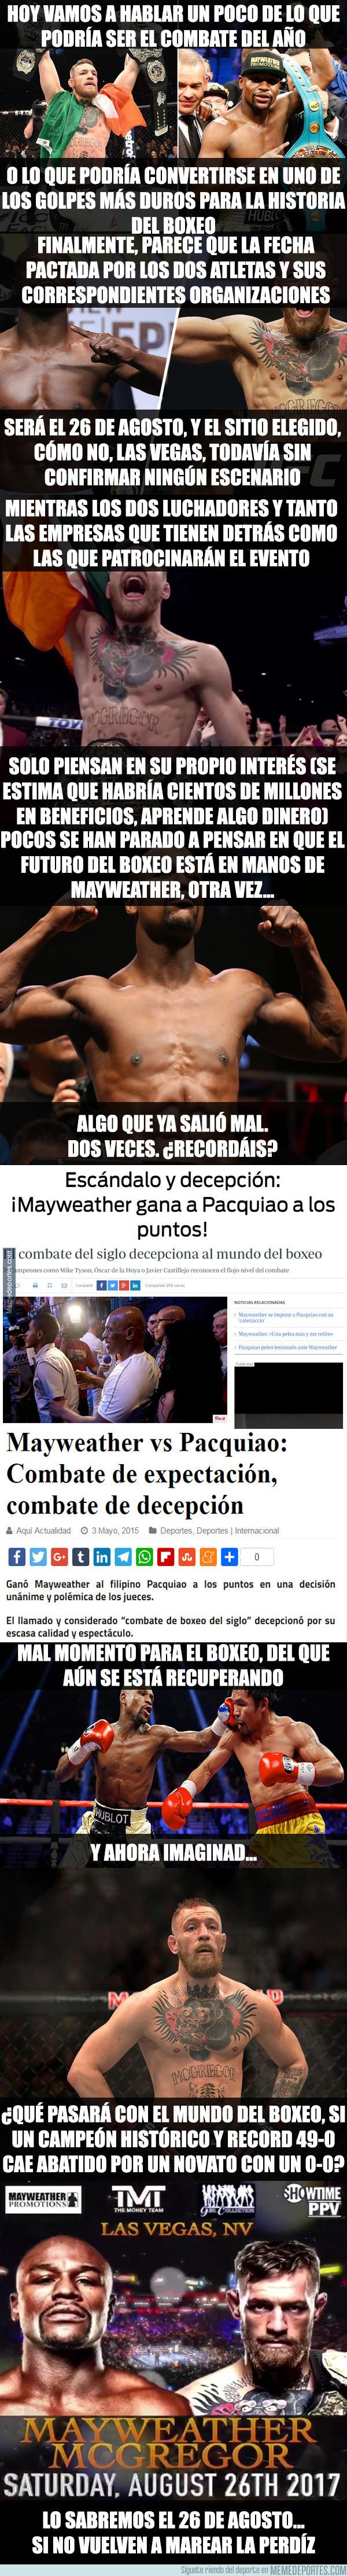 982043 - Mayweather vs McGregor, ¿combate del año o caída del año?